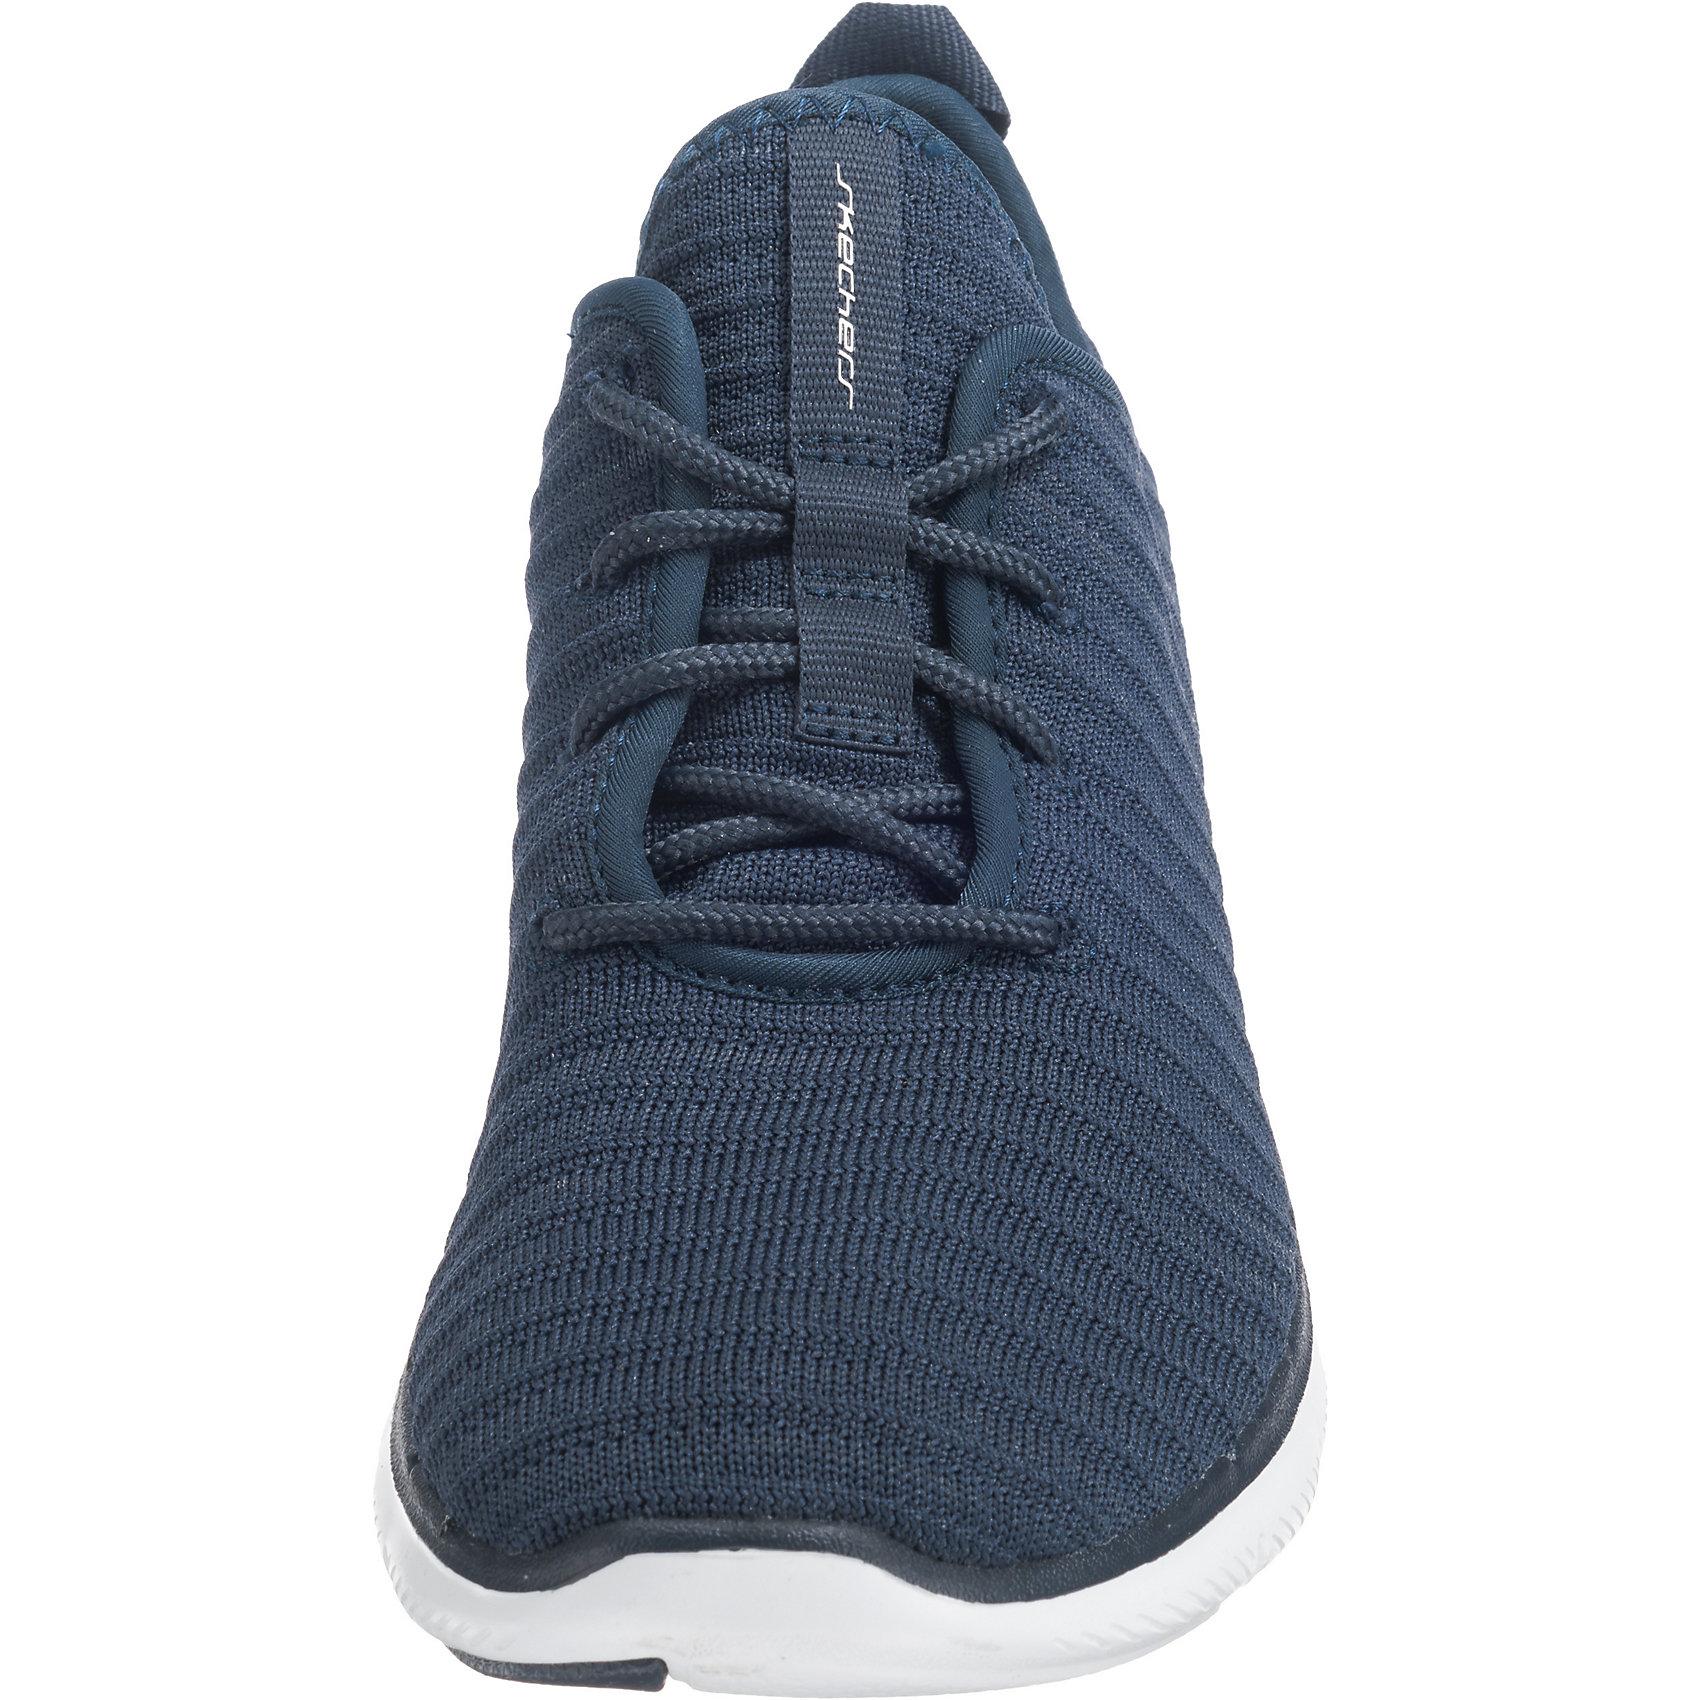 Neu SKECHERS Flex Appeal Sneakers 2.0 Estates Sneakers Appeal Niedrig 7393876 für Damen 84e6dc